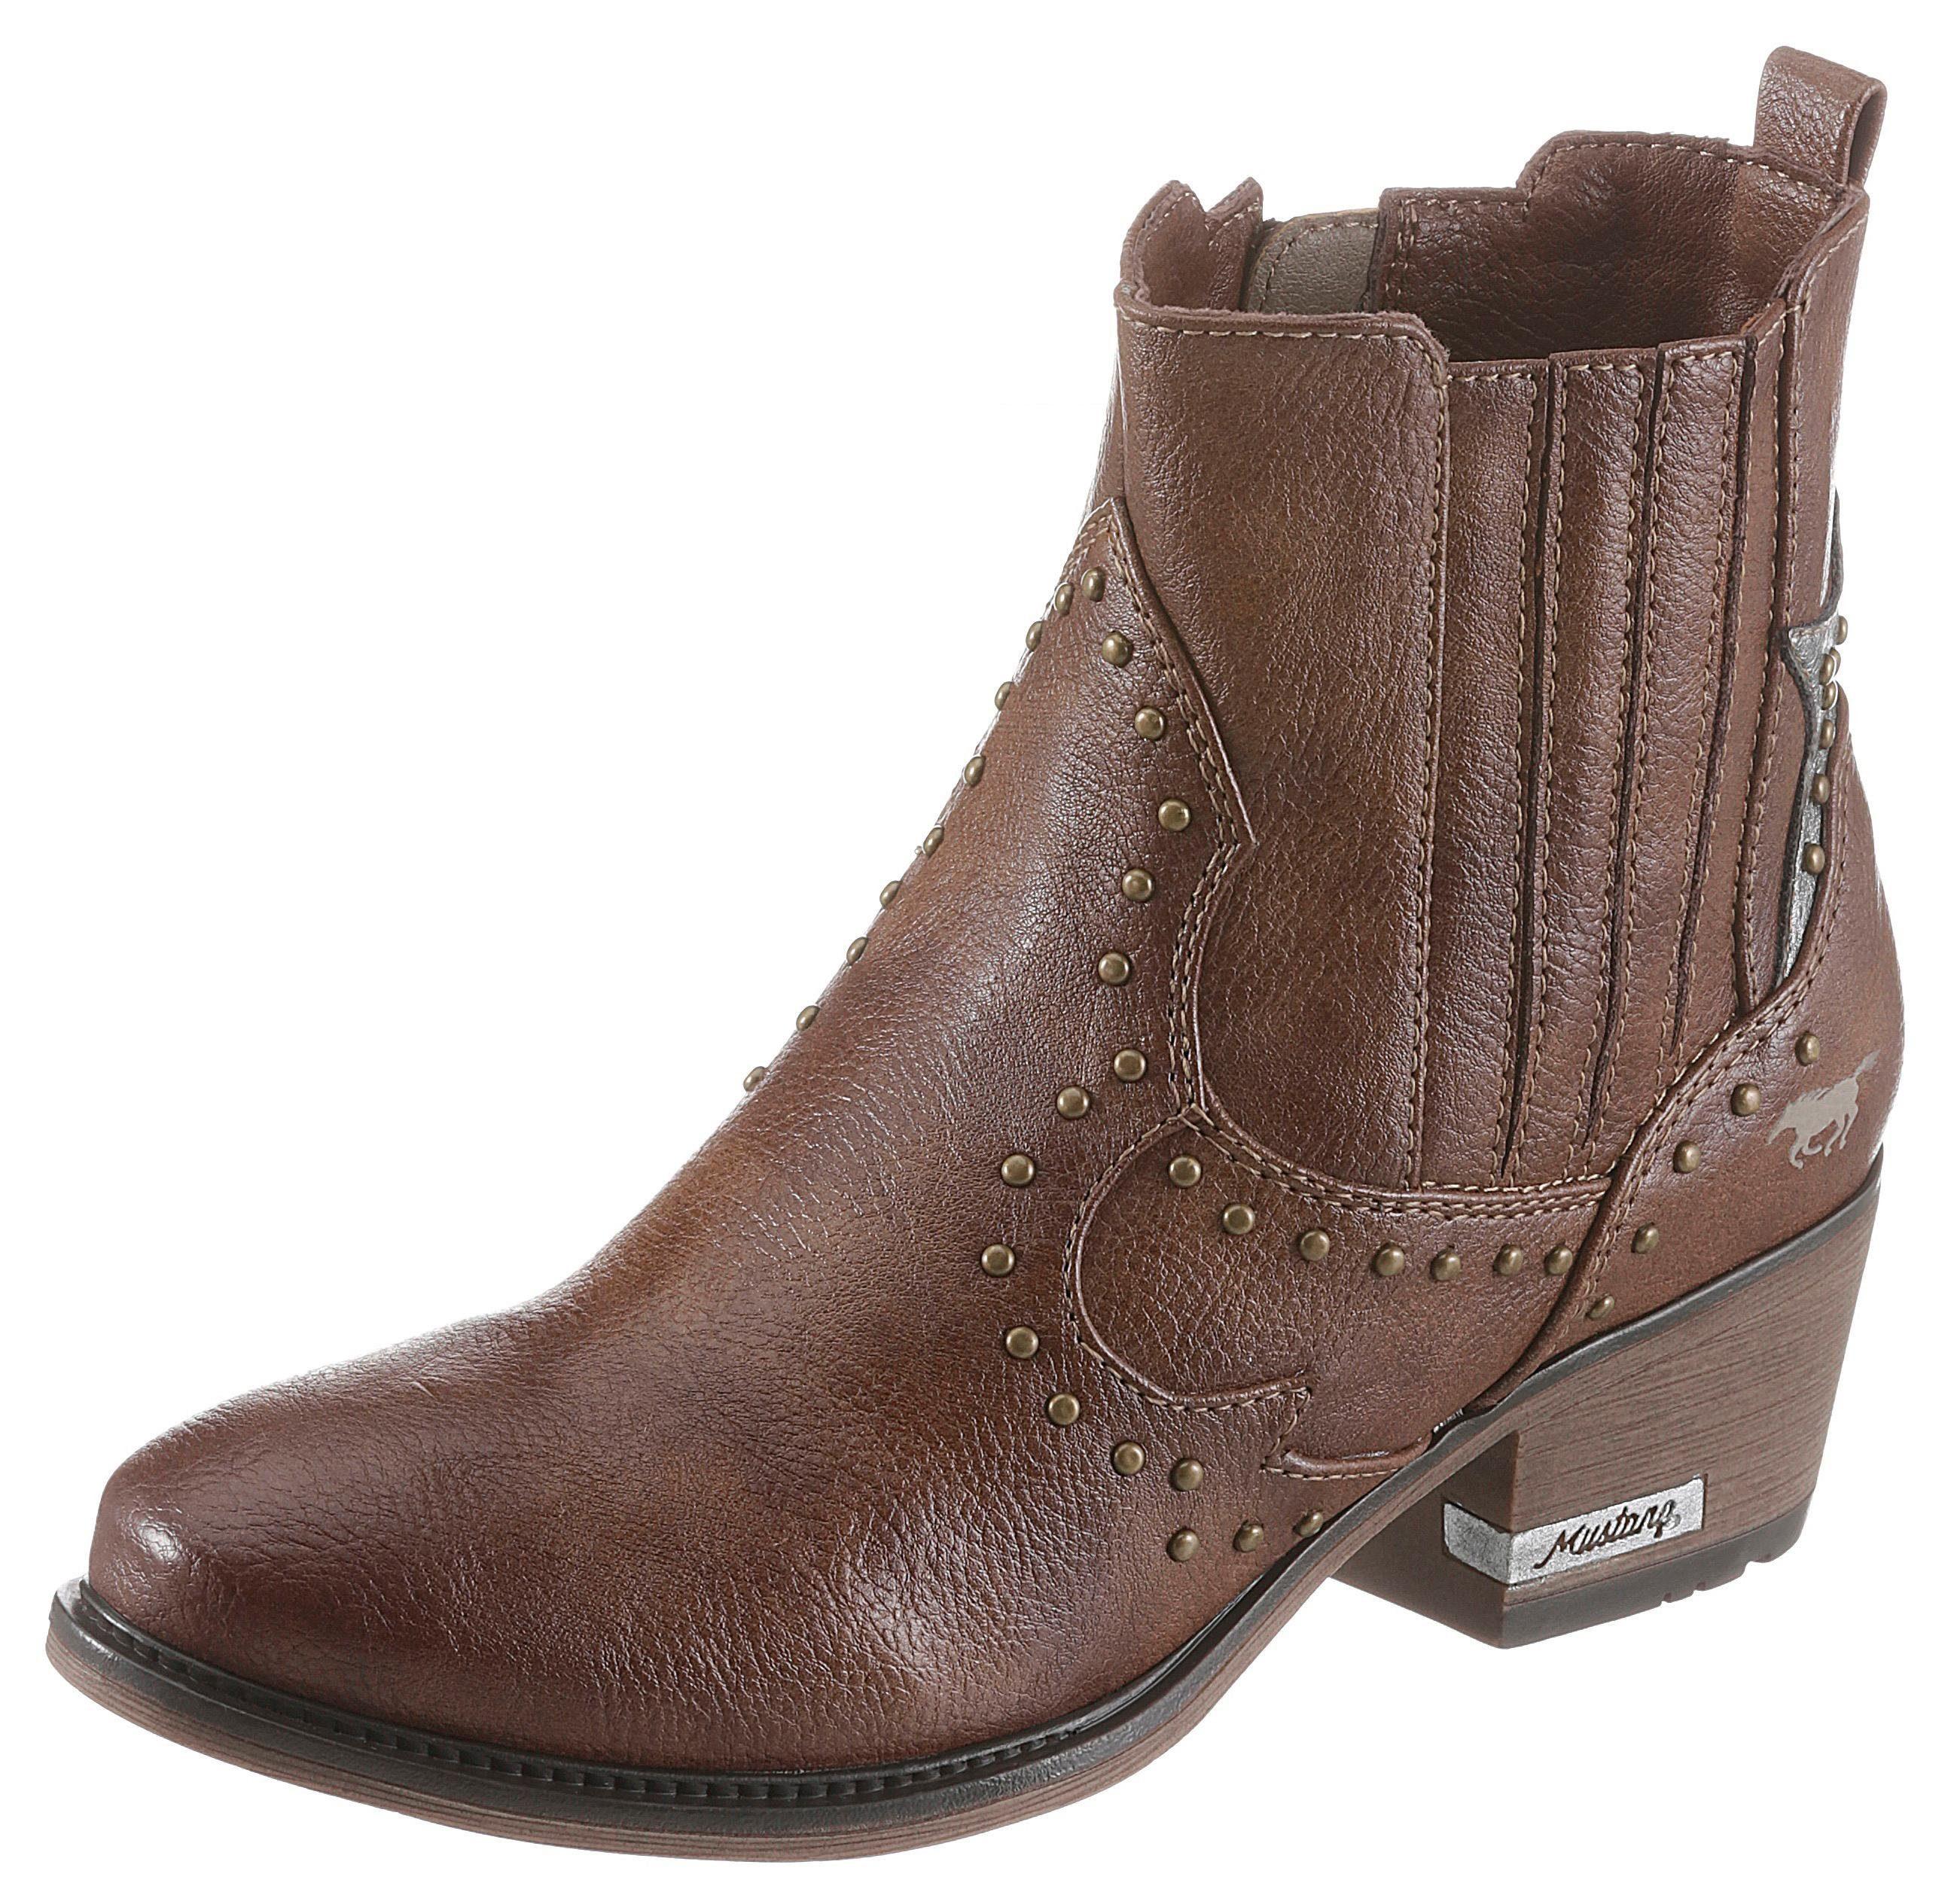 Nieten Online Mustang Mit Shoes Verziert Glänzenden KaufenOtto Cowboy Stiefelette PuTkXZiO